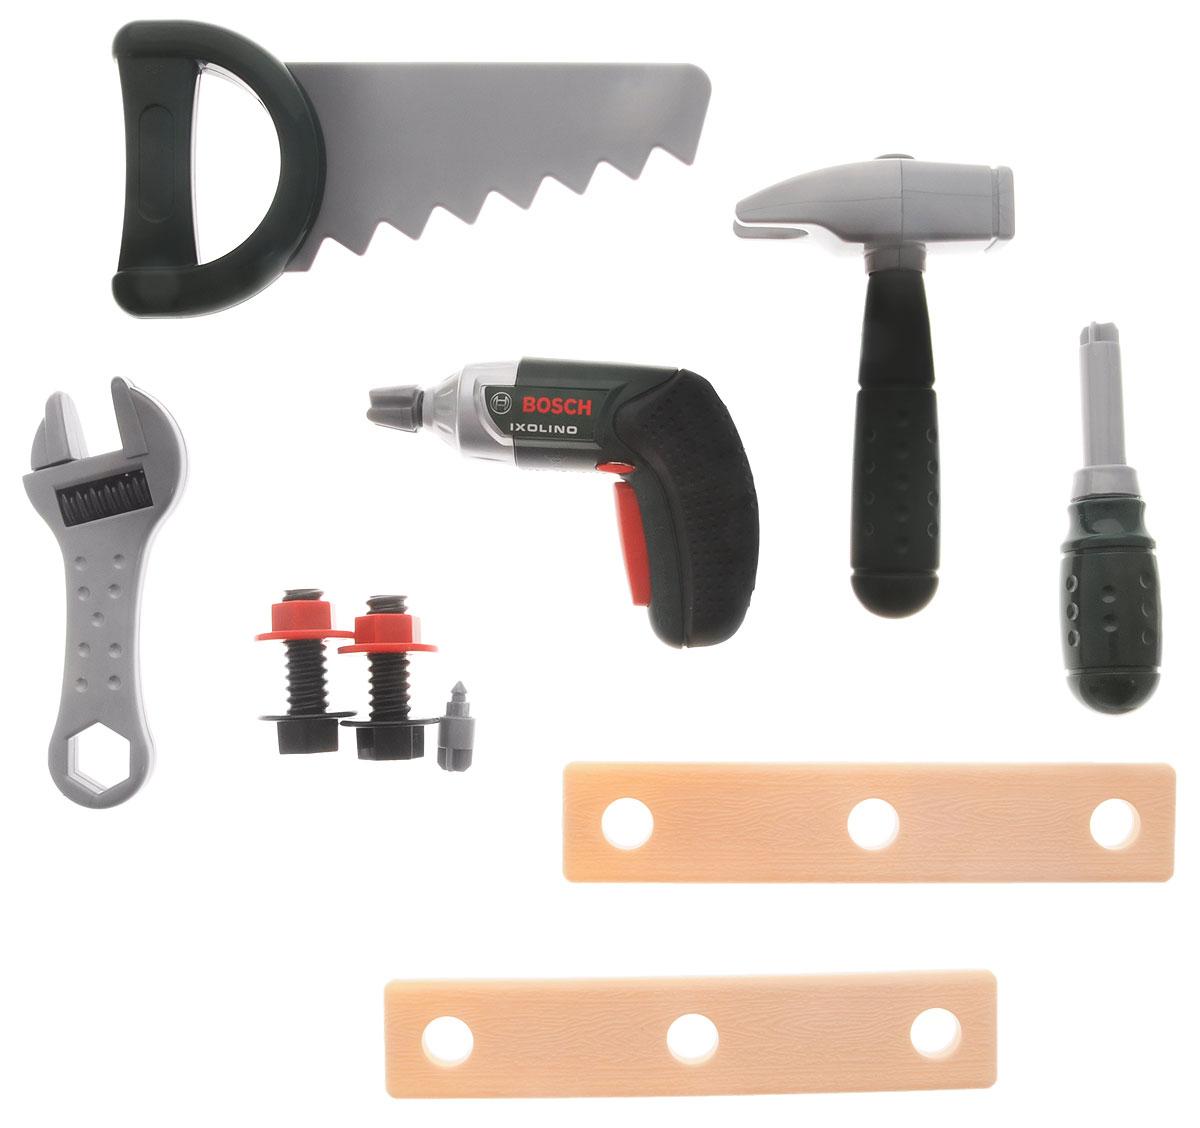 Klein Игрушечный набор инструментов Ixolino Work-Case8466Игрушечный набор инструментов Klein Ixolino Work-Case - та самая игрушка, которая поможет приучить мальчика к мужской работе. Теперь вы можете организовать собственную мини-мастерскую, все предметы в которой будут выглядеть совсем как у папы! В удобном пластиковом кейсе по слотам разложены предметы: дрель со съемным сверлом, молоток, пила, гаечный ключ, 2 болта с гайками, 2 пластины с отверстиями для вкручивания болтов, отвертка. Дрель обладает звуковыми эффектами. Все элементы набора выполнены из качественного и безопасного пластика. Набор инструментов отлично подойдет для ролевых игр ребенка как в помещении, так и на свежем воздухе. Необходимо купить 2 батарейки напряжением 1,5V типа ААА (не входят в комплект).